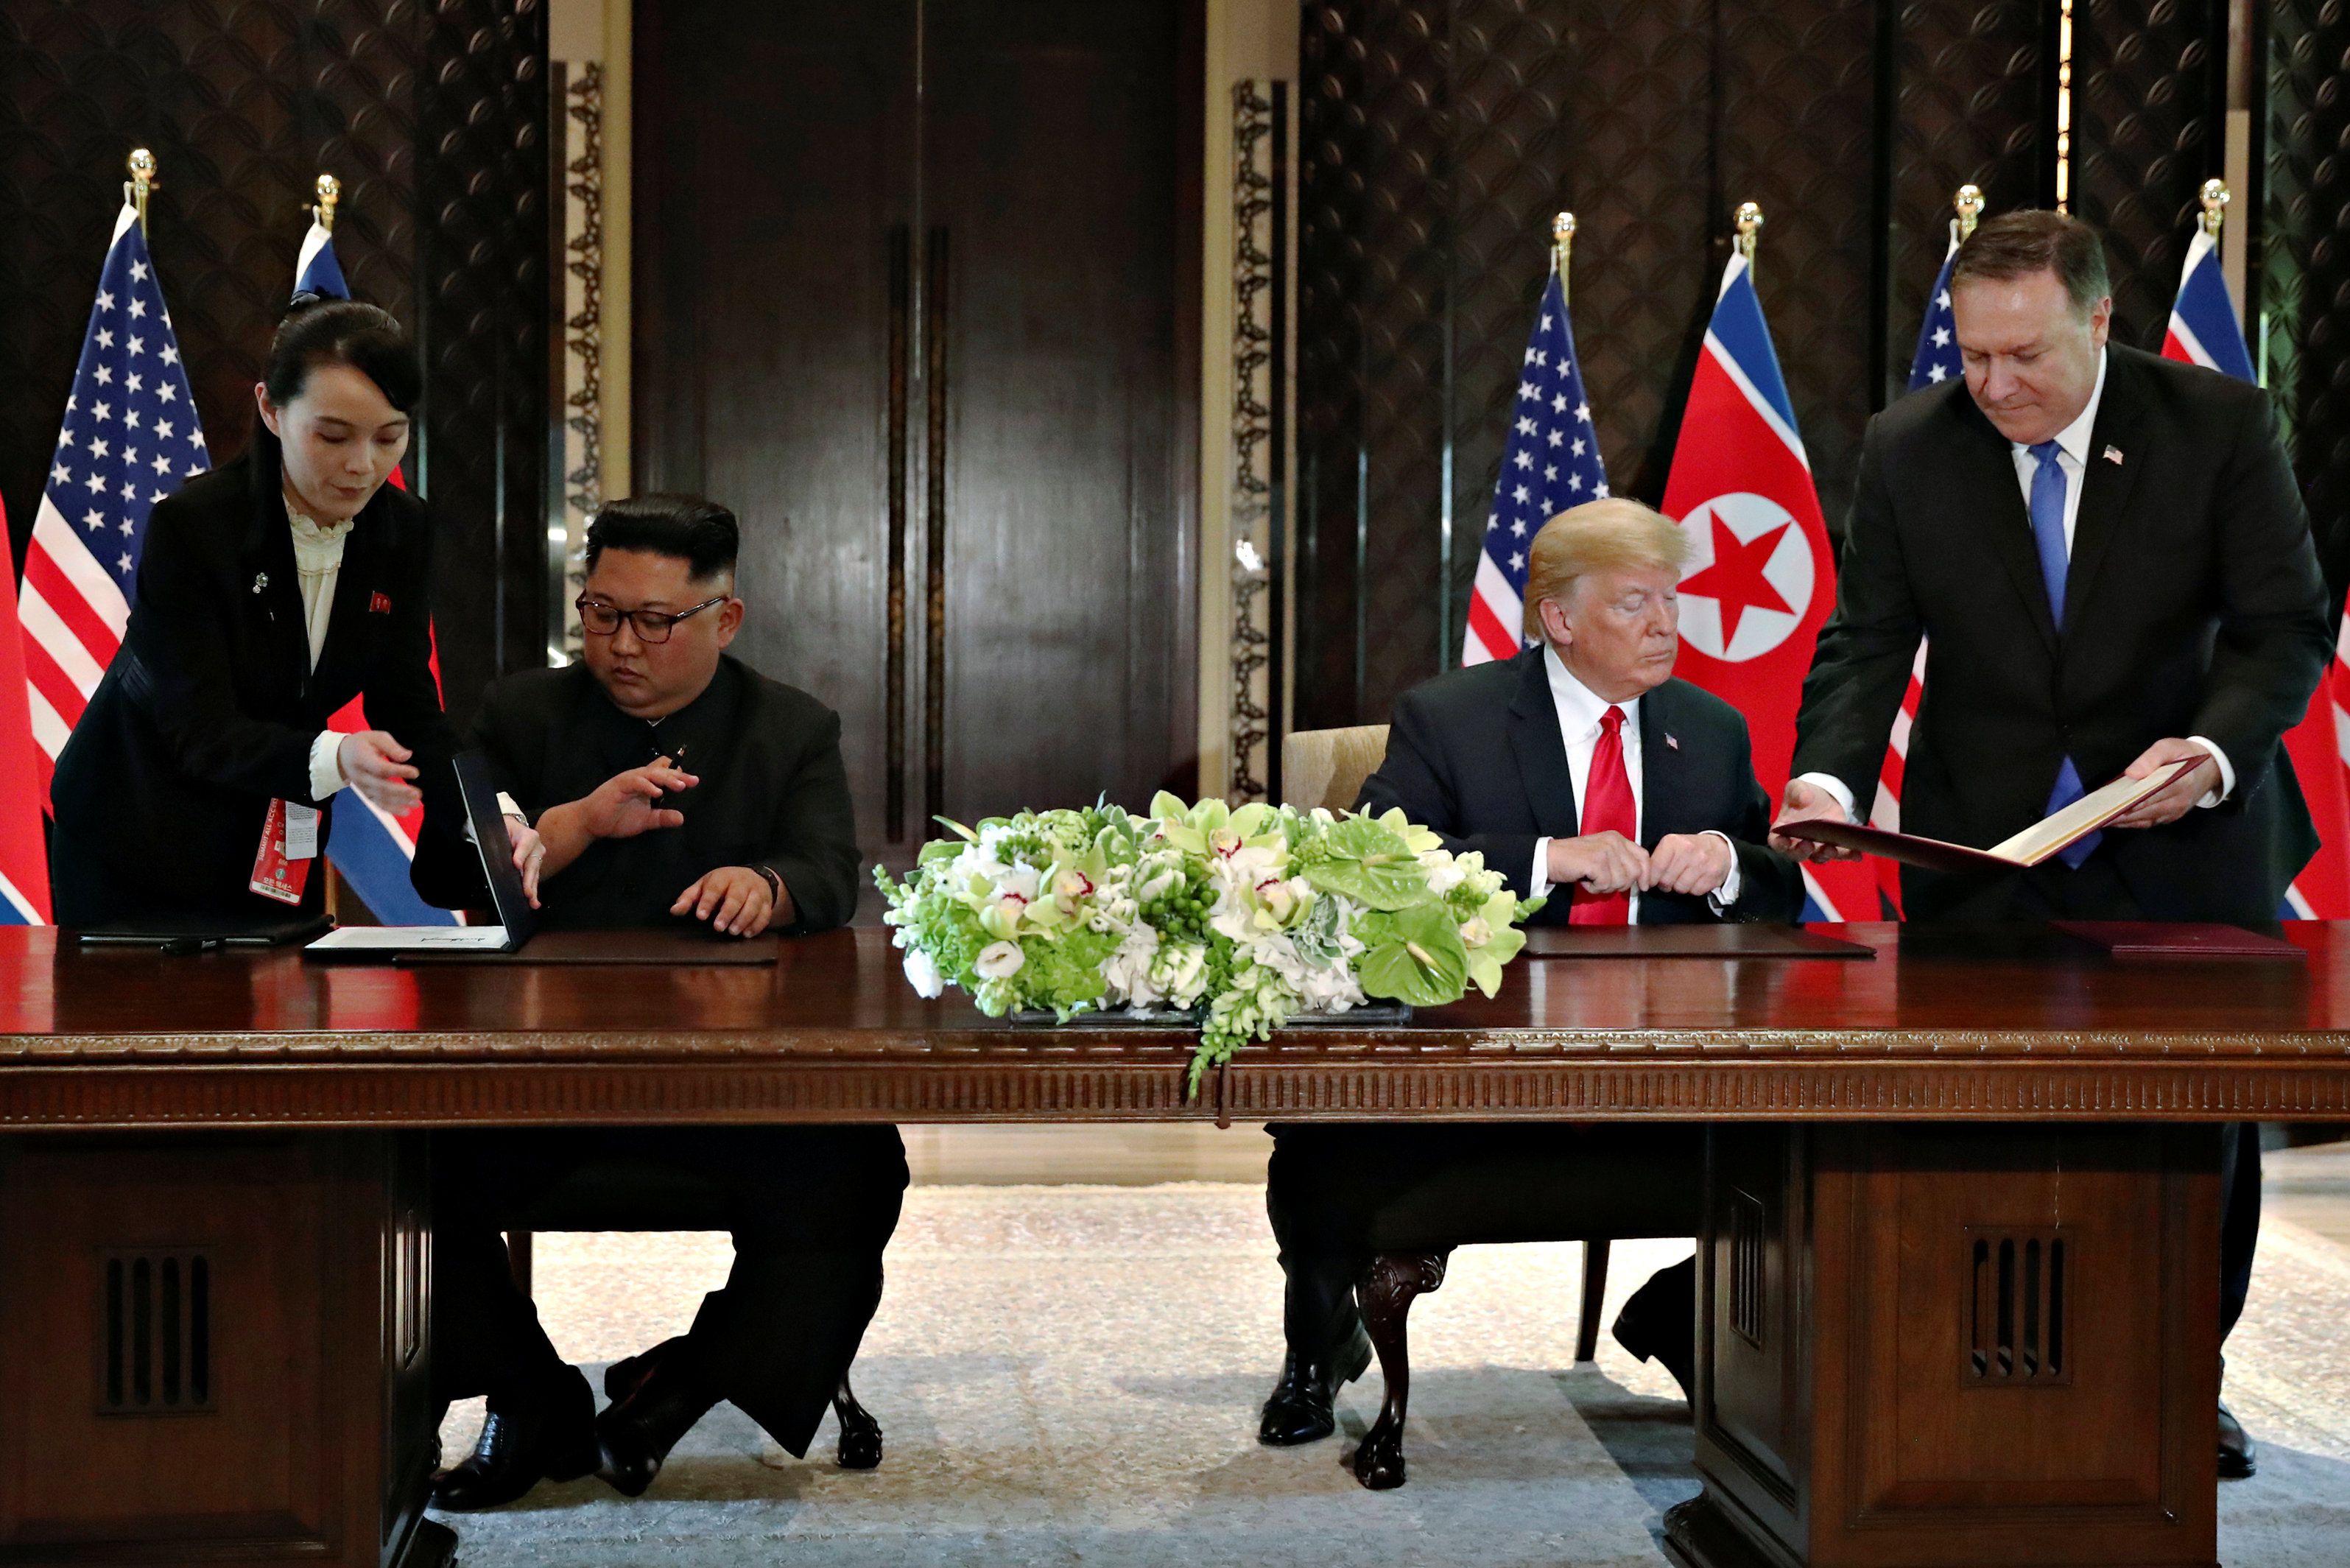 Kim Jong-un, acompañado de su hermana Kim Yo-jong, firma al declaración de Singapur junto a Donald Trump, acompañado por el Secretario de Estado Mike Pompeo(Reuters)